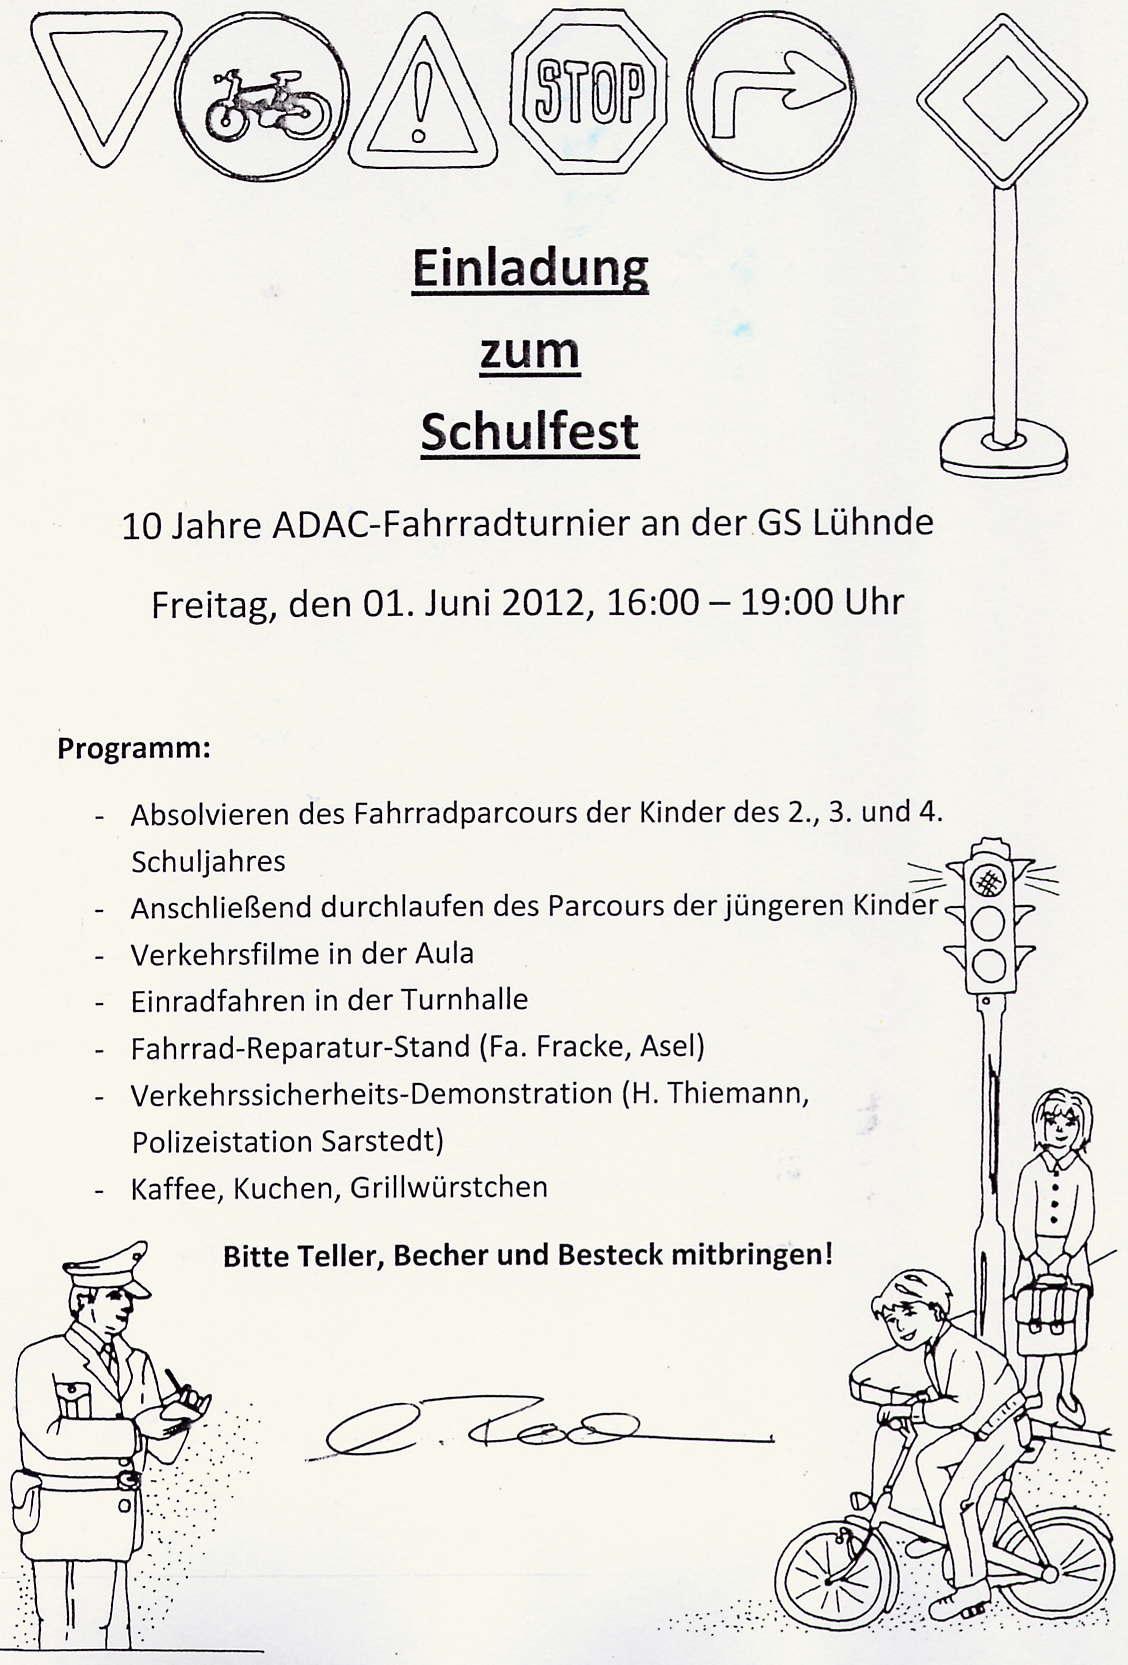 gs_einladung_schulfest2012